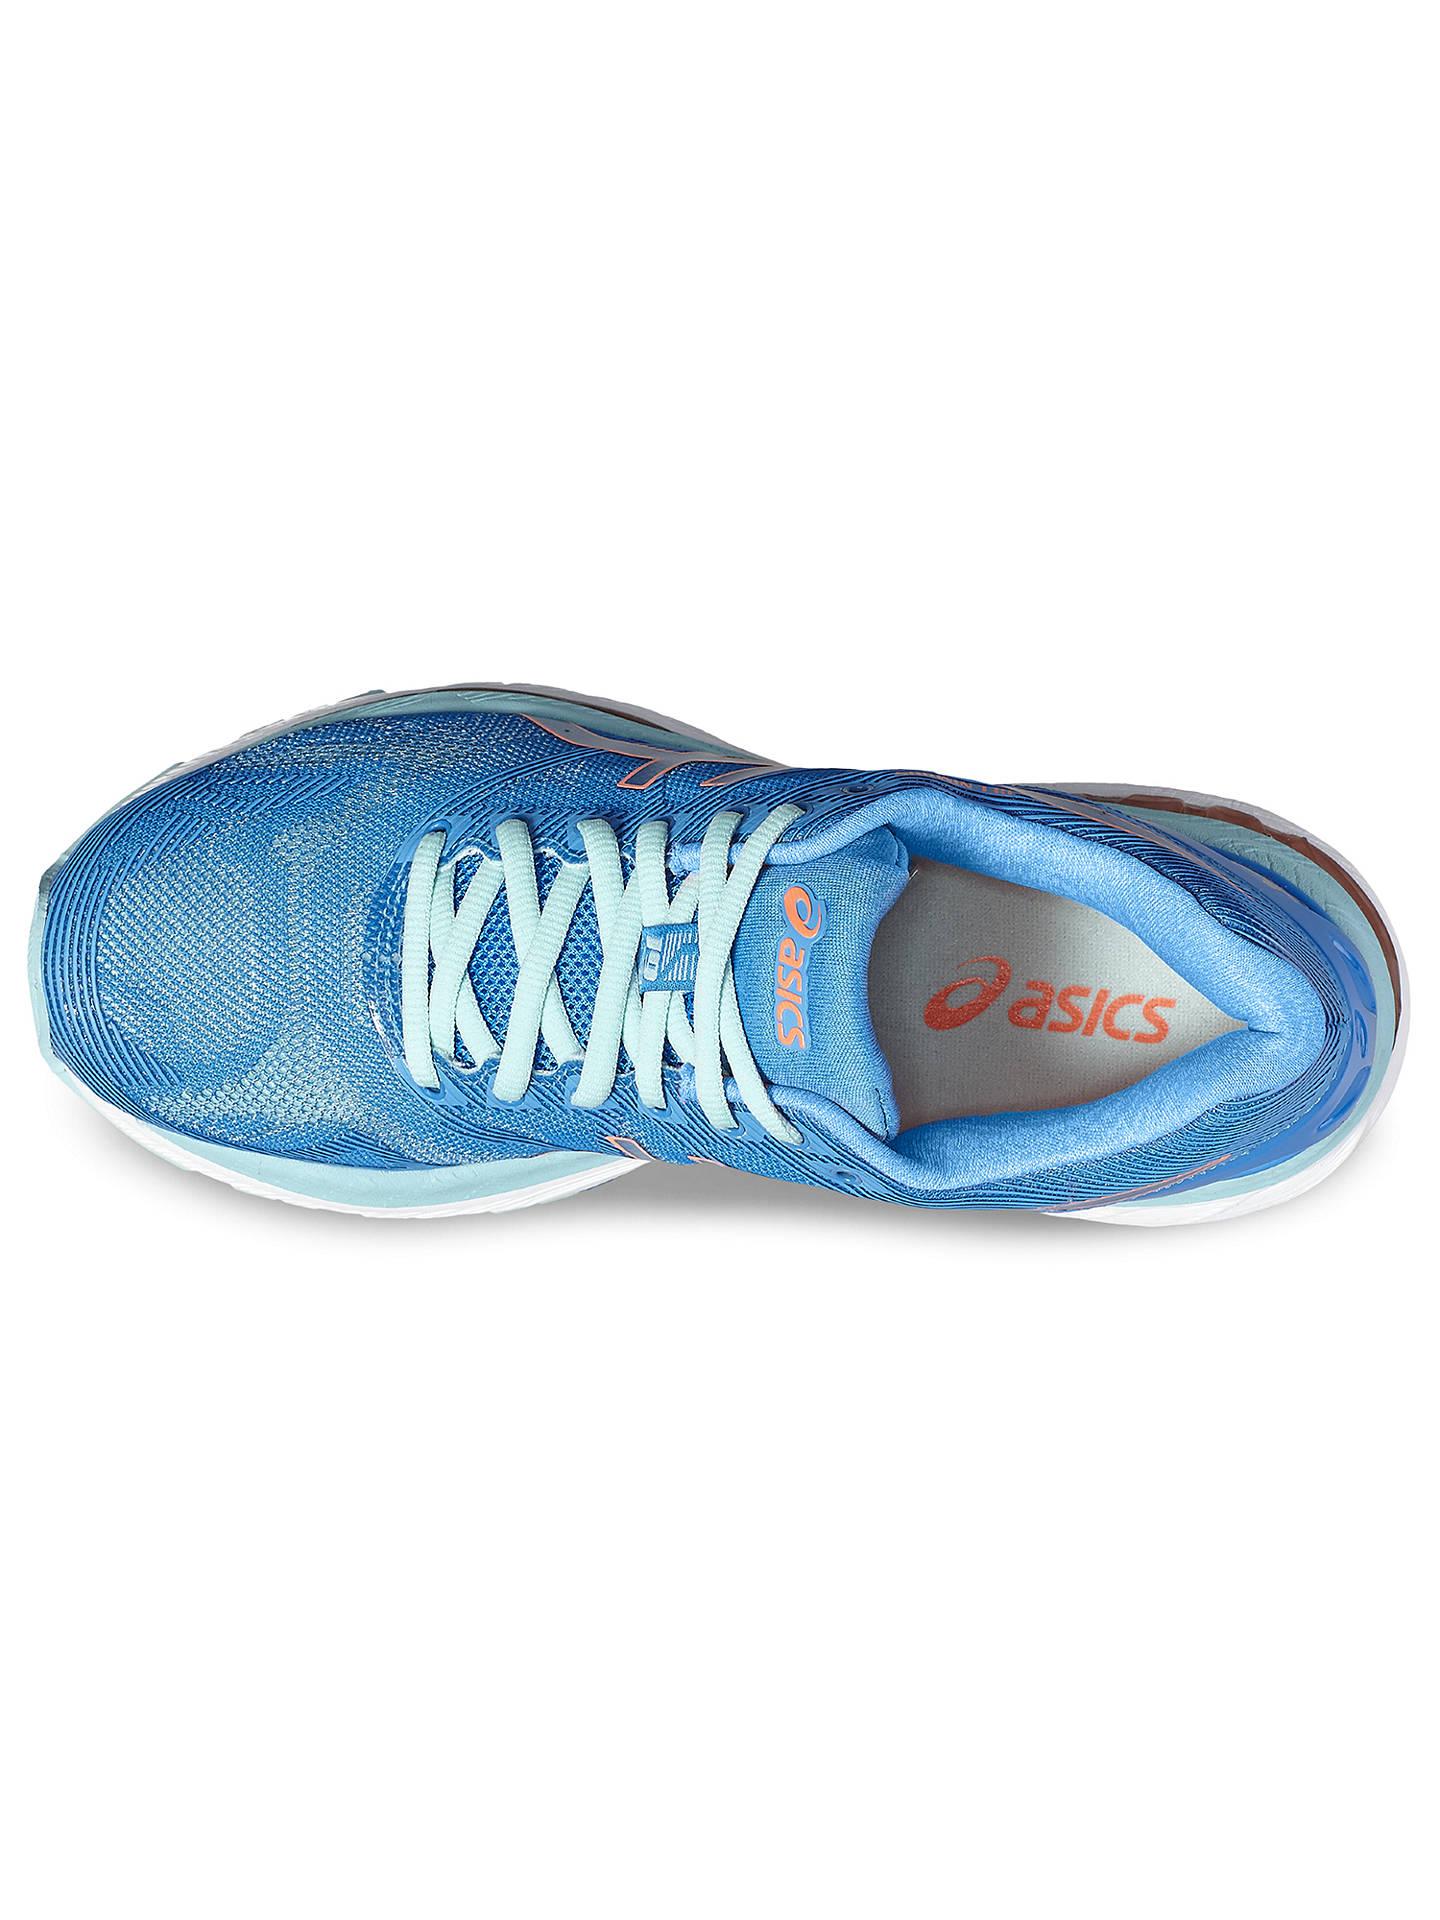 3b1ba8e9bcc1 ... Buy Asics Gel-Nimbus 19 Women s Running Shoes